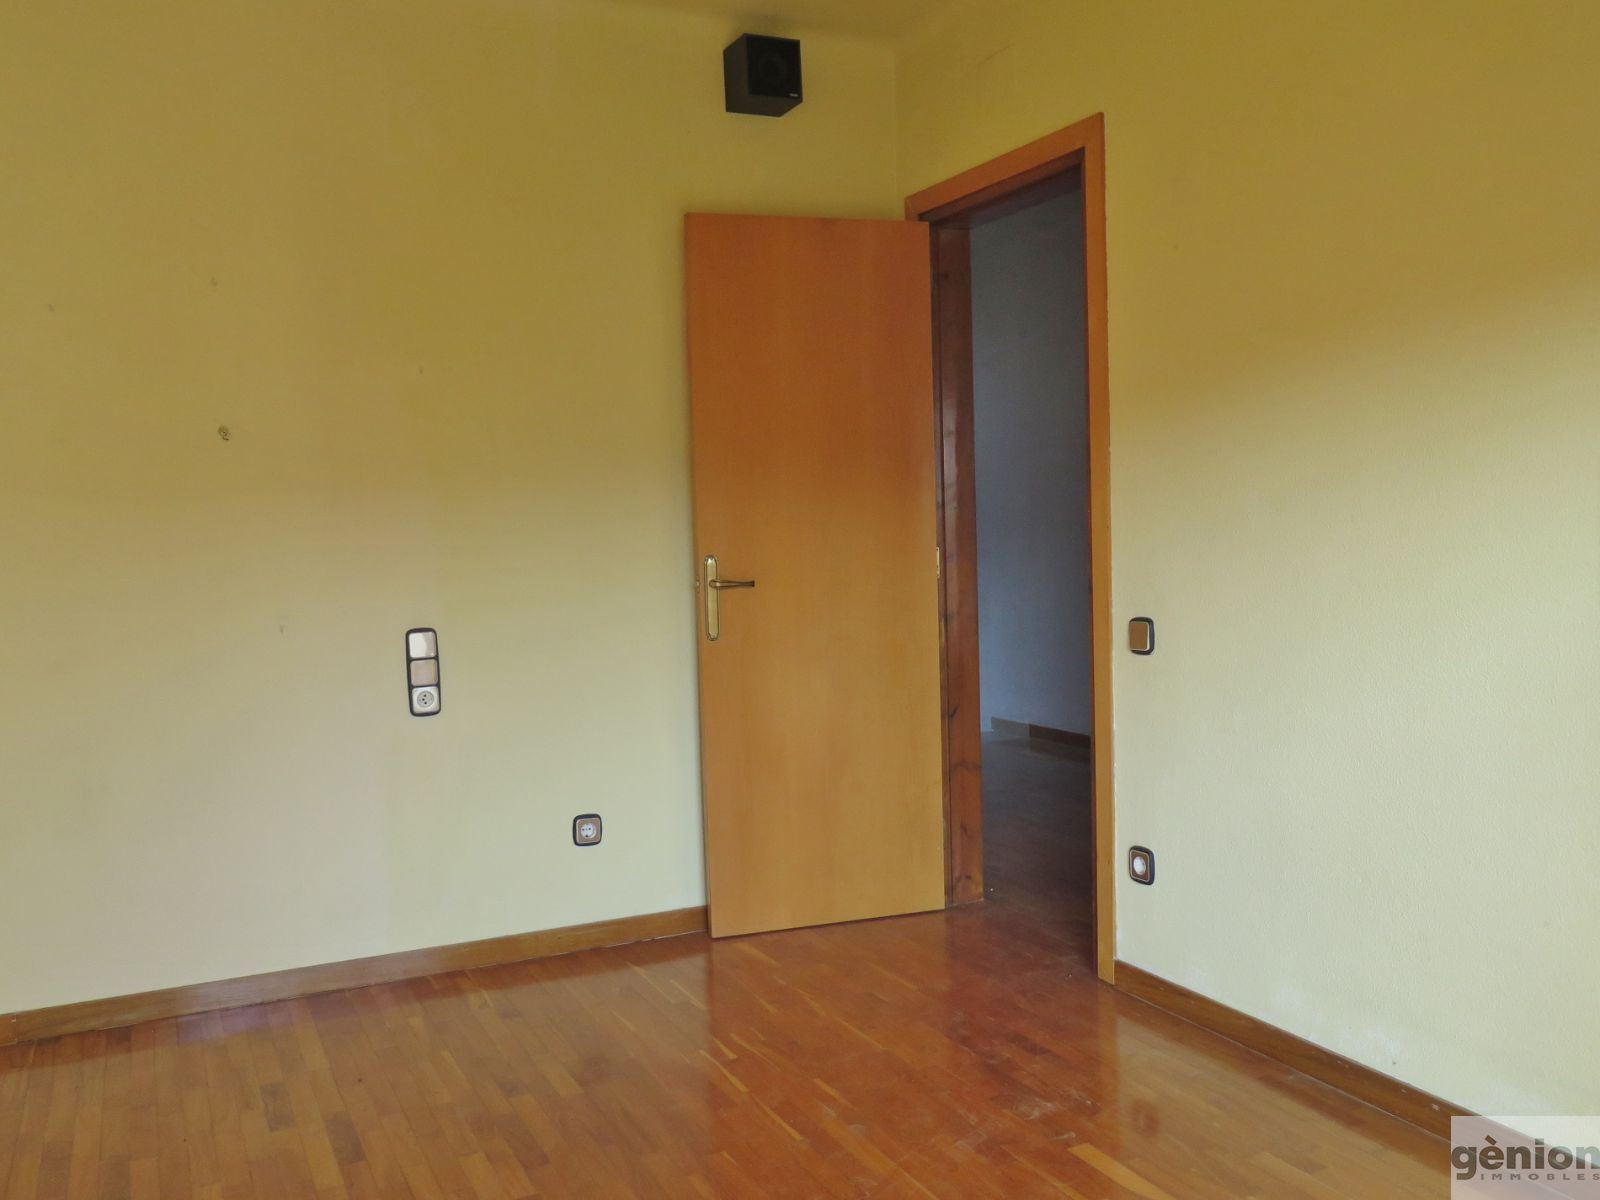 CASA APARELLADA A QUART, ENMIG DEL POBLE. 150M² CONSTRUÏTS I PARCEL.LA DE 301M²